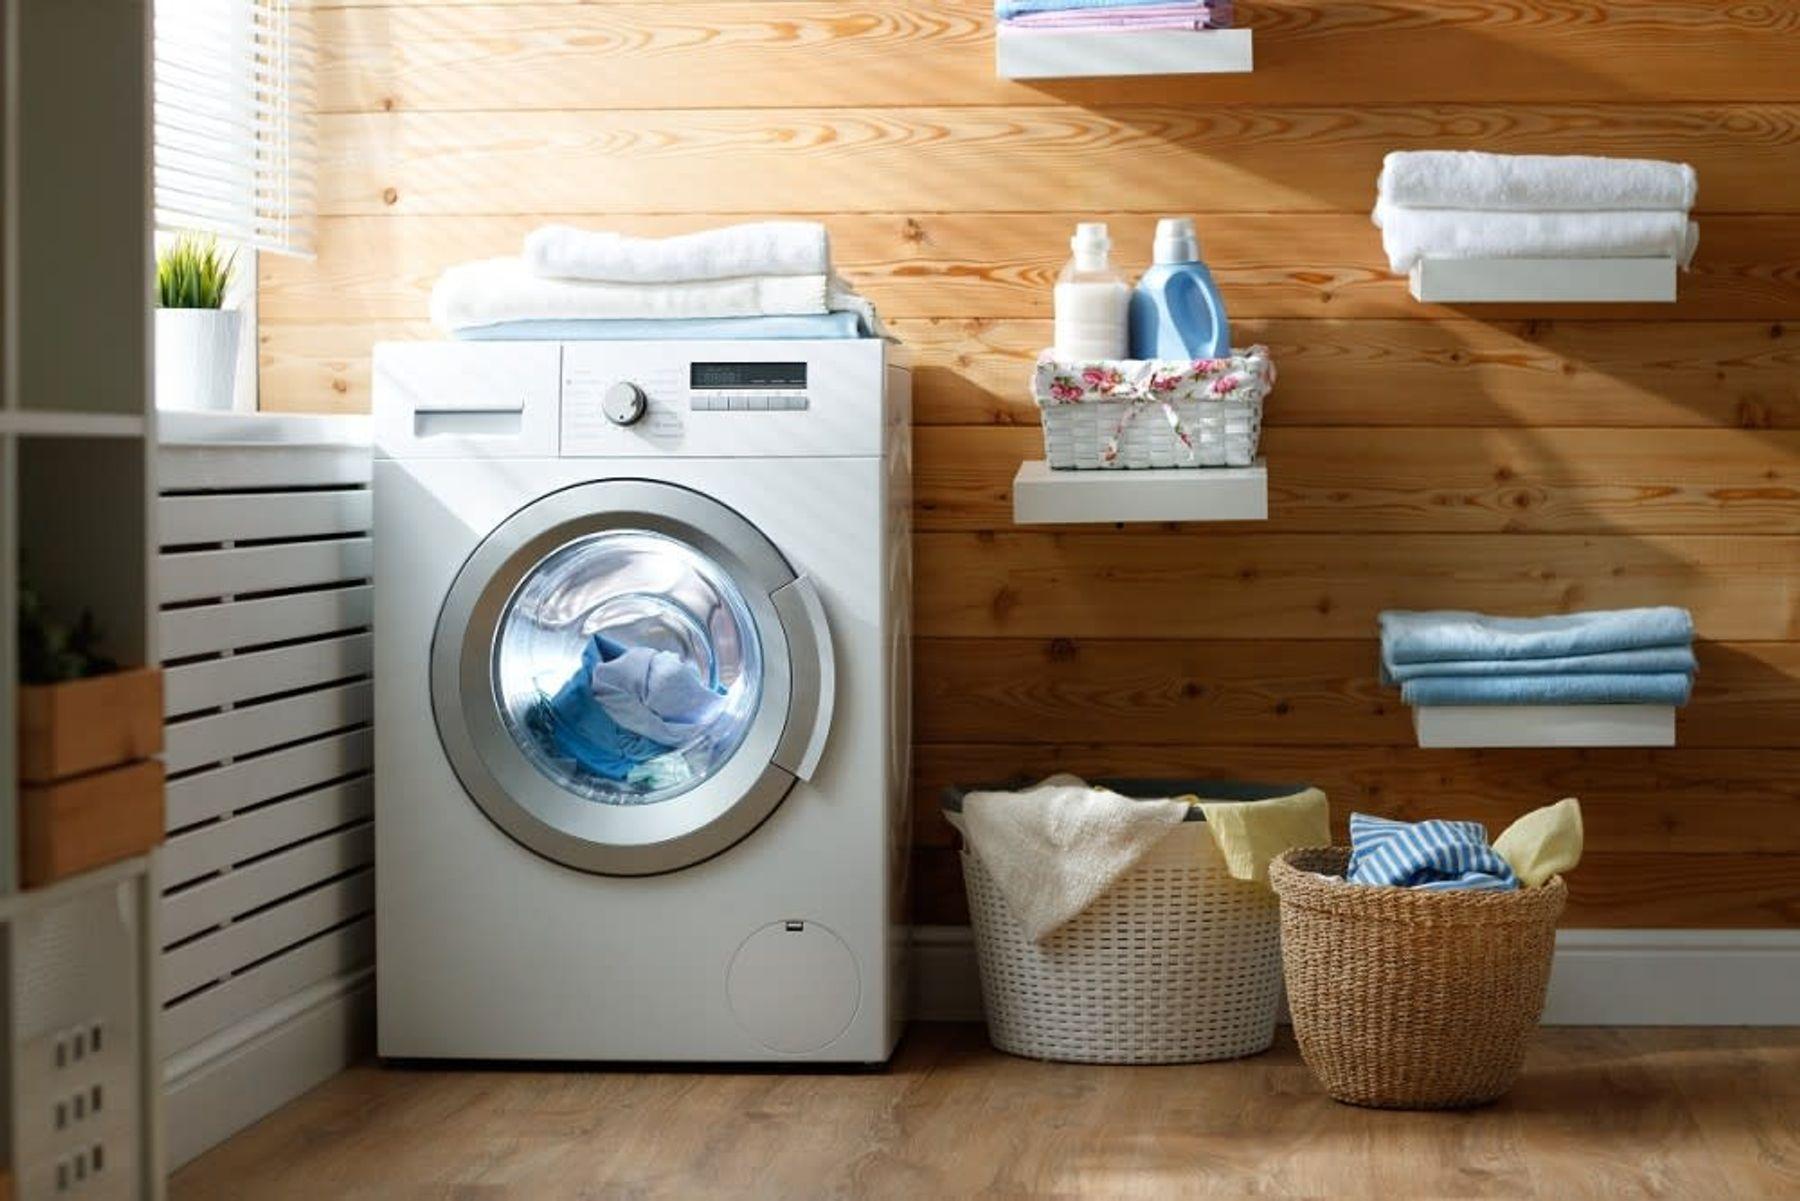 Step 3: Çamaşır Makinesi ve Temiz Çamaşırlar